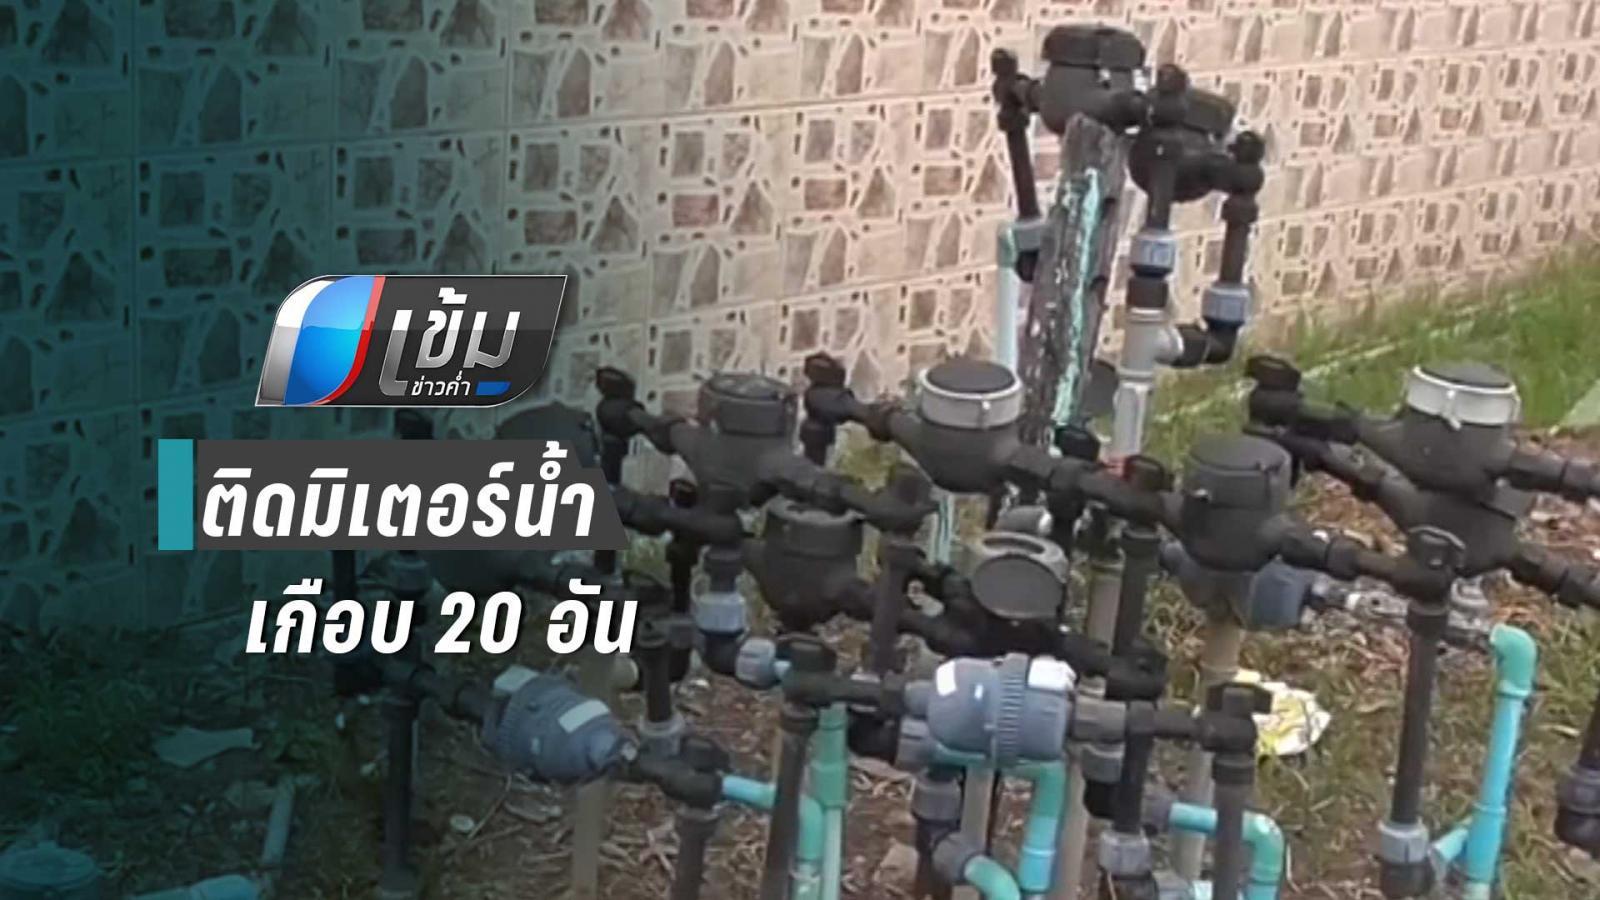 ชาวบ้านงงมิเตอร์น้ำประปาถูกติดตั้งรวมกันเกือบ 20 อัน